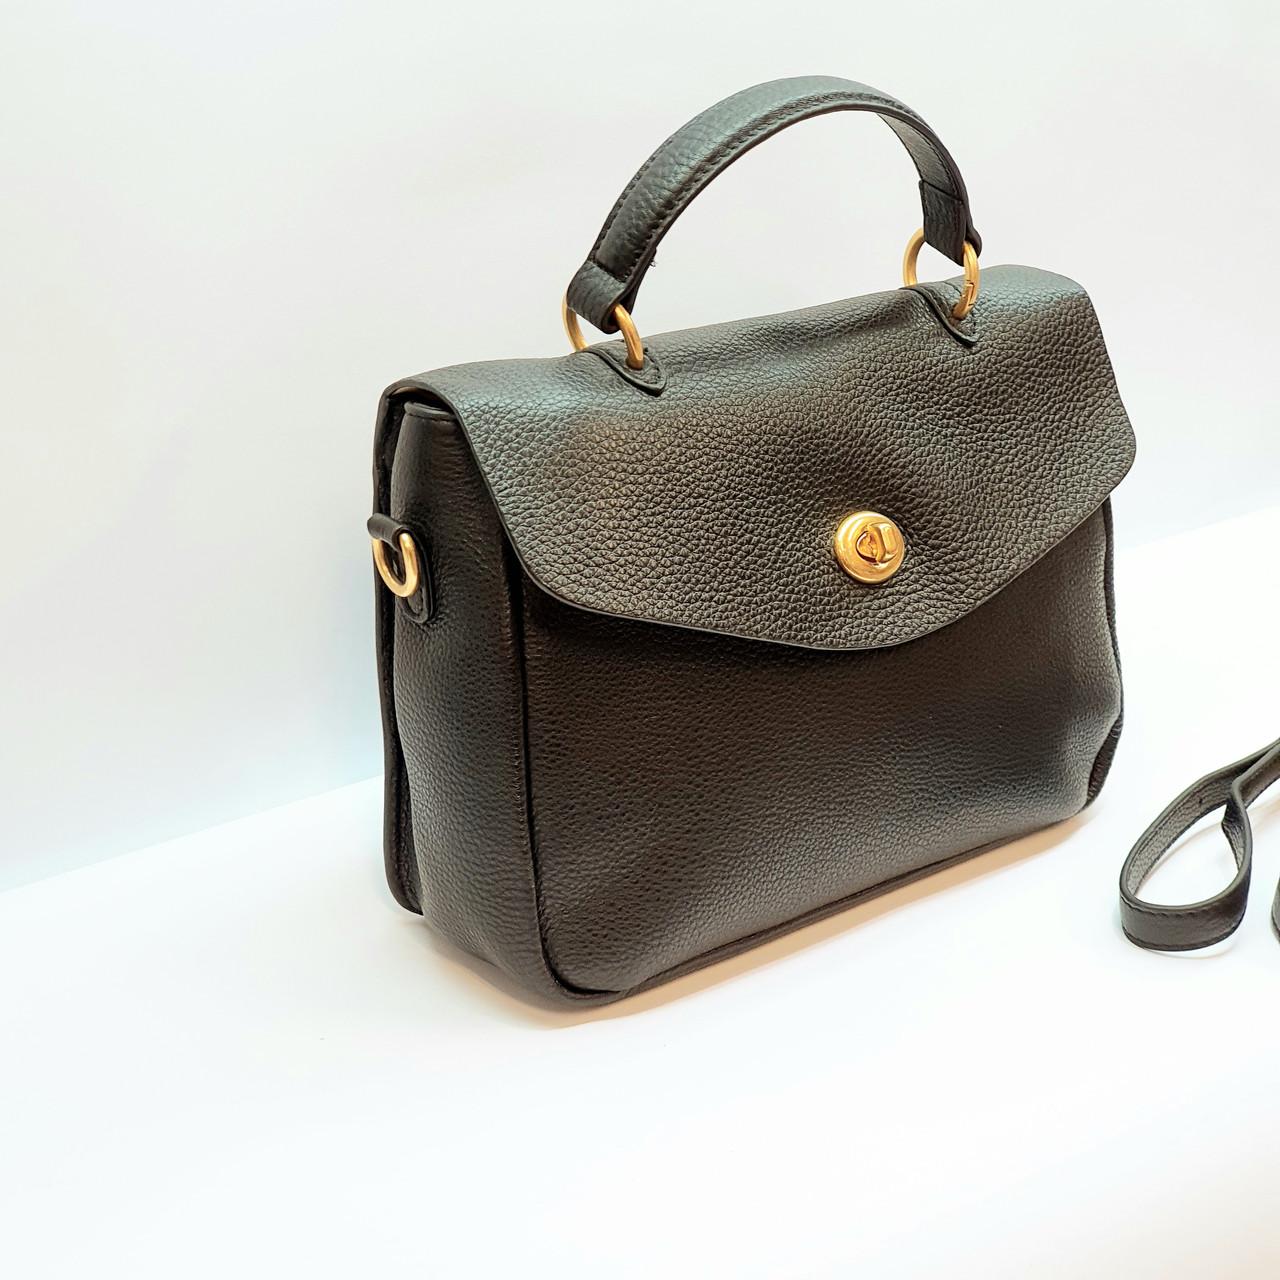 Жіноча винна сумочка з натуральної шкіри